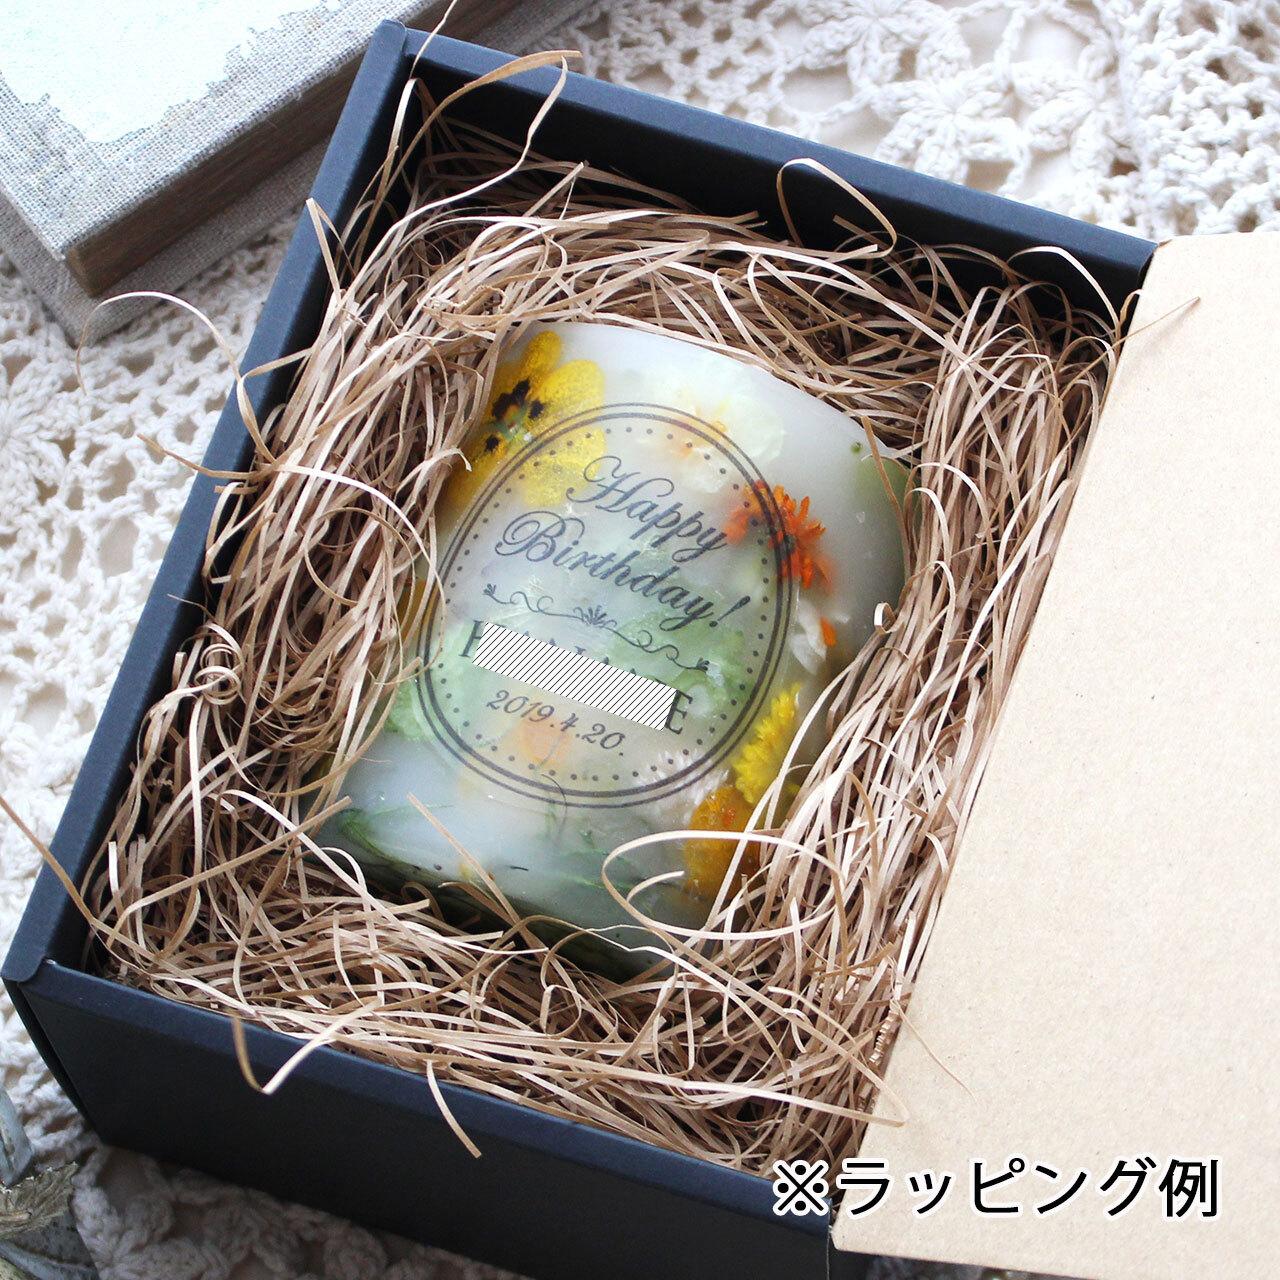 NC298 ギフトラッピング付き☆メッセージ&日付&名入れボタニカルキャンドル ガーデン